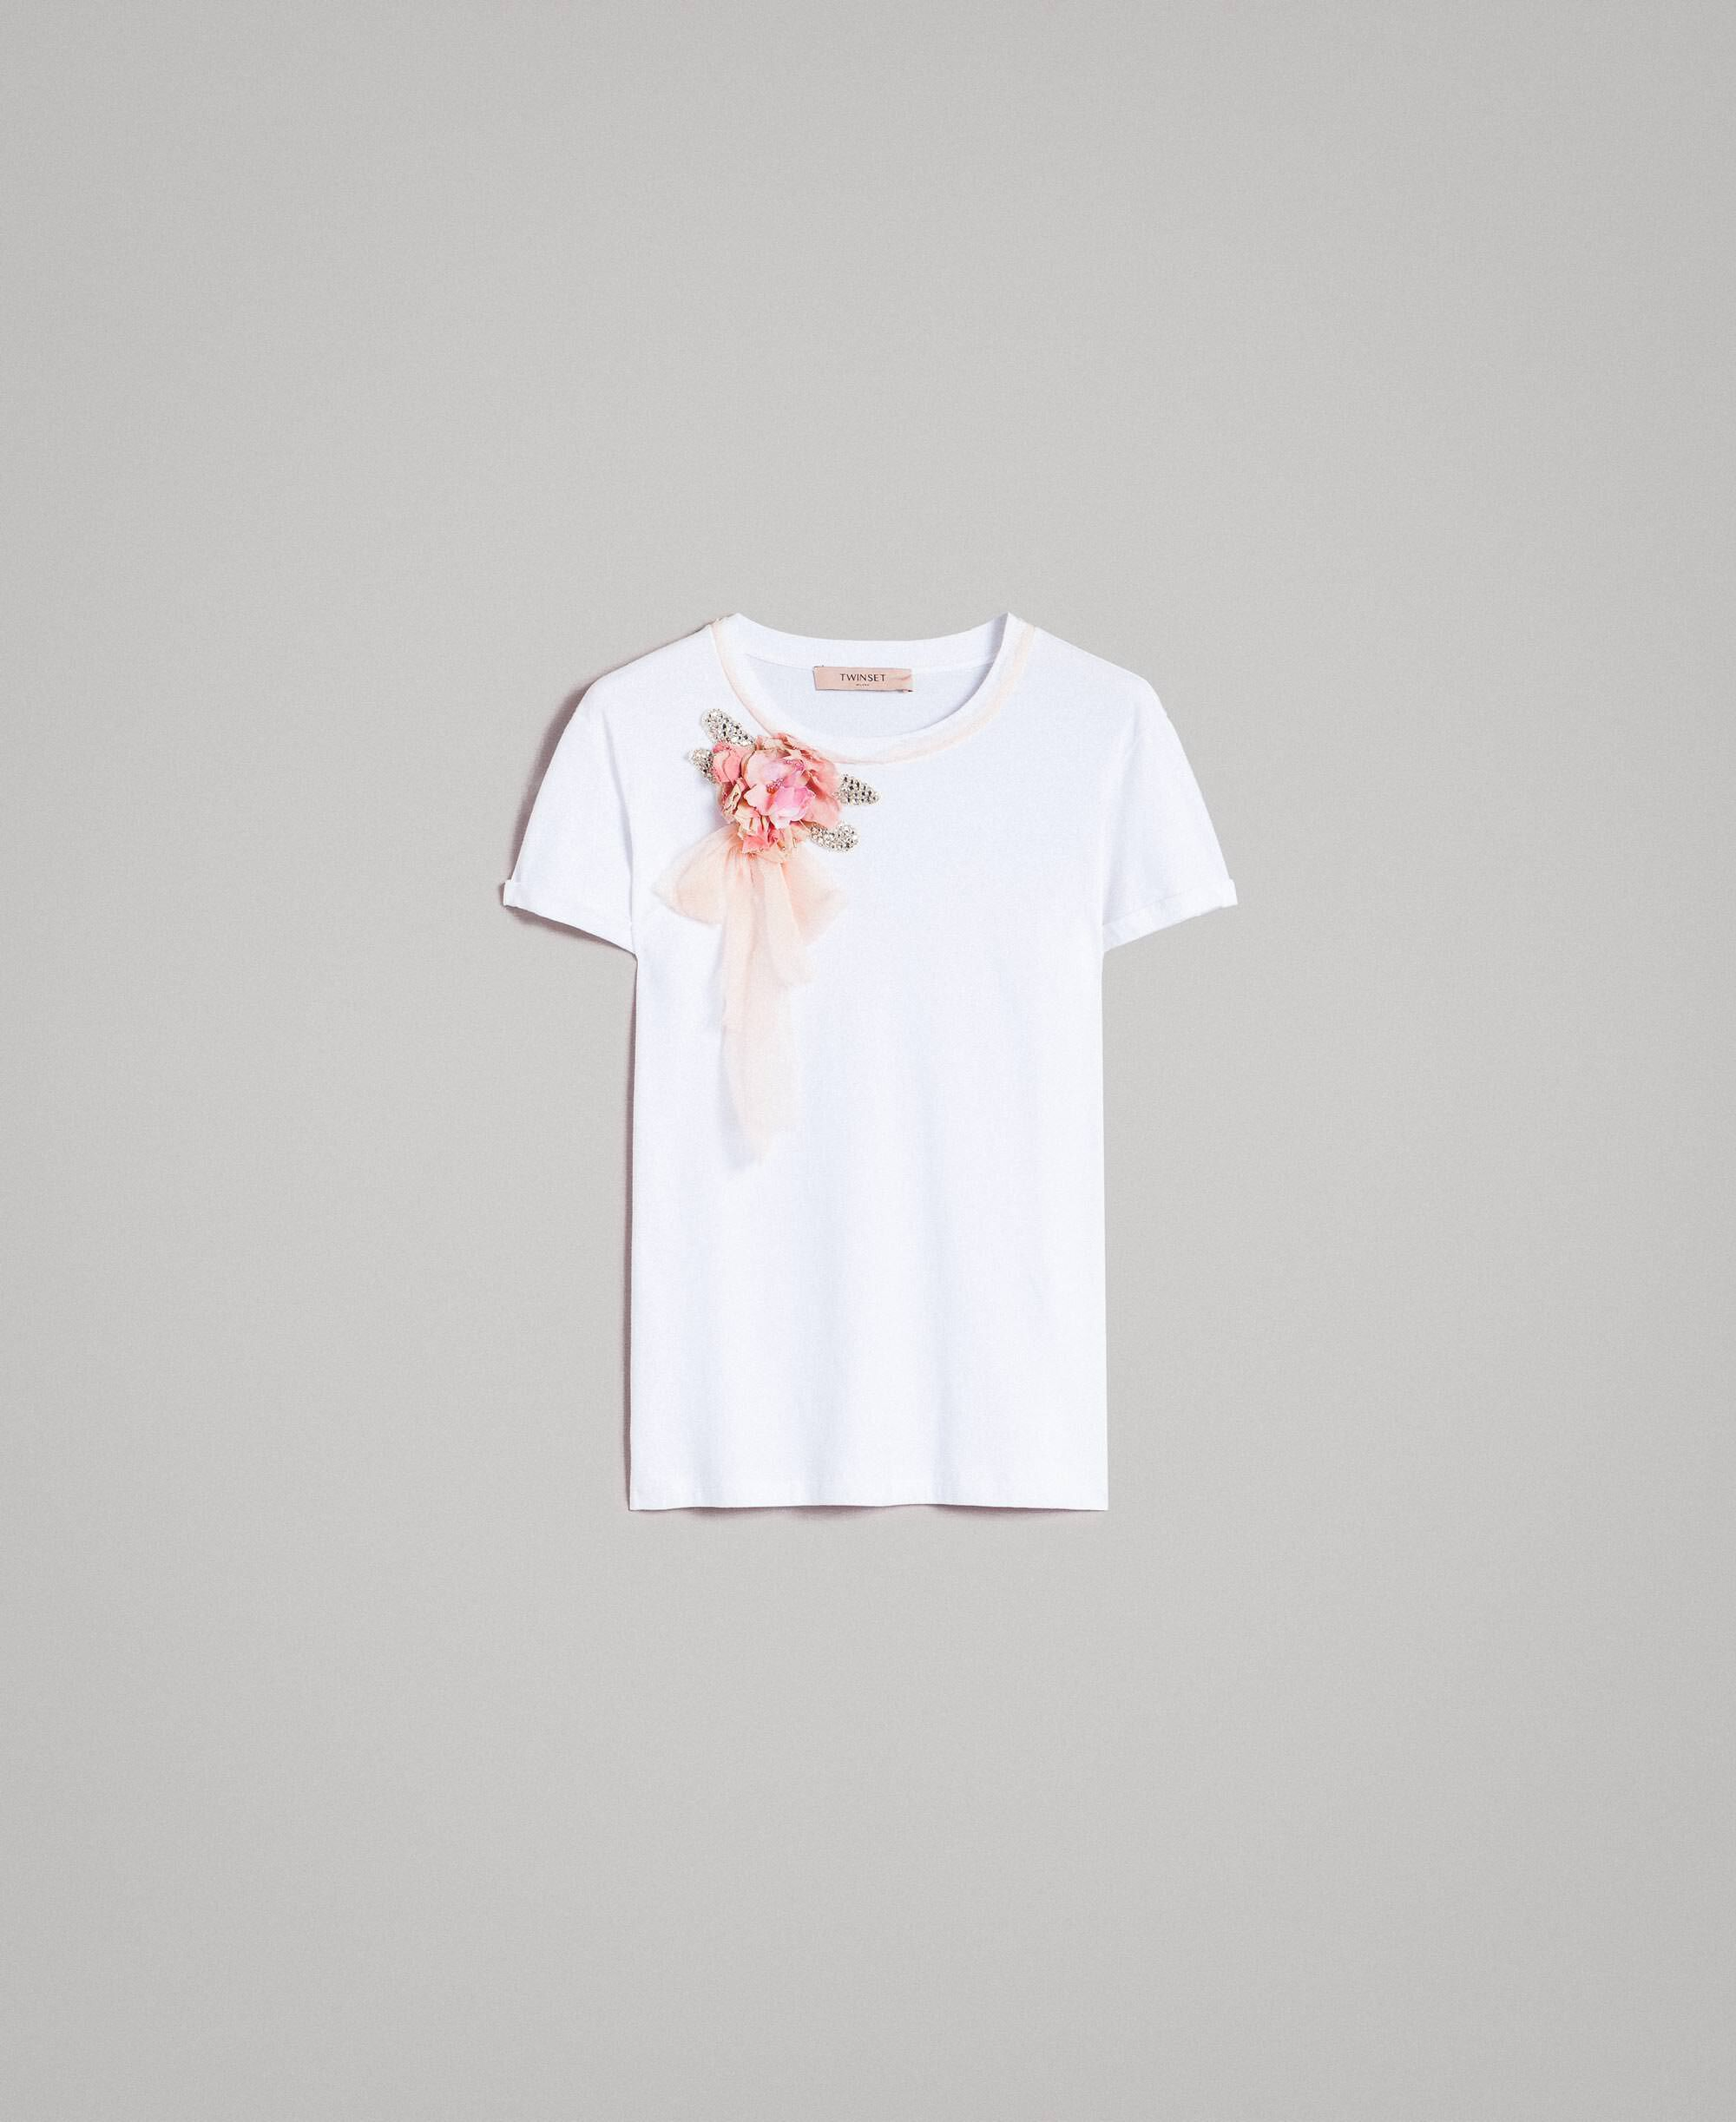 43f5b834f3f4ed T-shirt con fiore e strass Donna, Bianco   TWINSET Milano